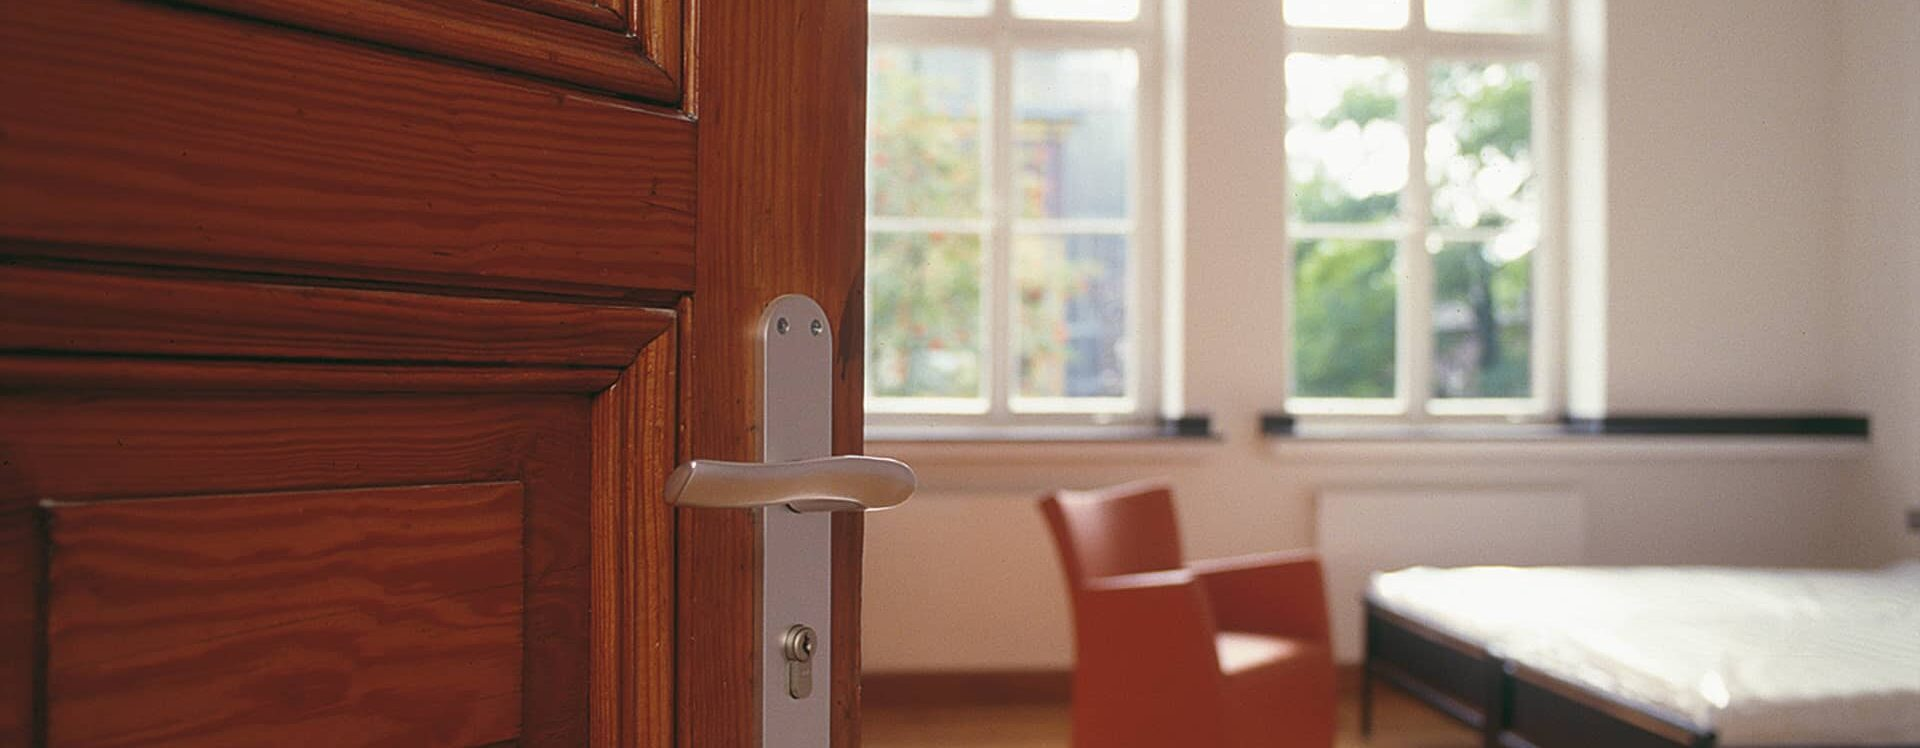 Zimmer Tür HOTEL MUTTERHAUS DÜSSELDORF